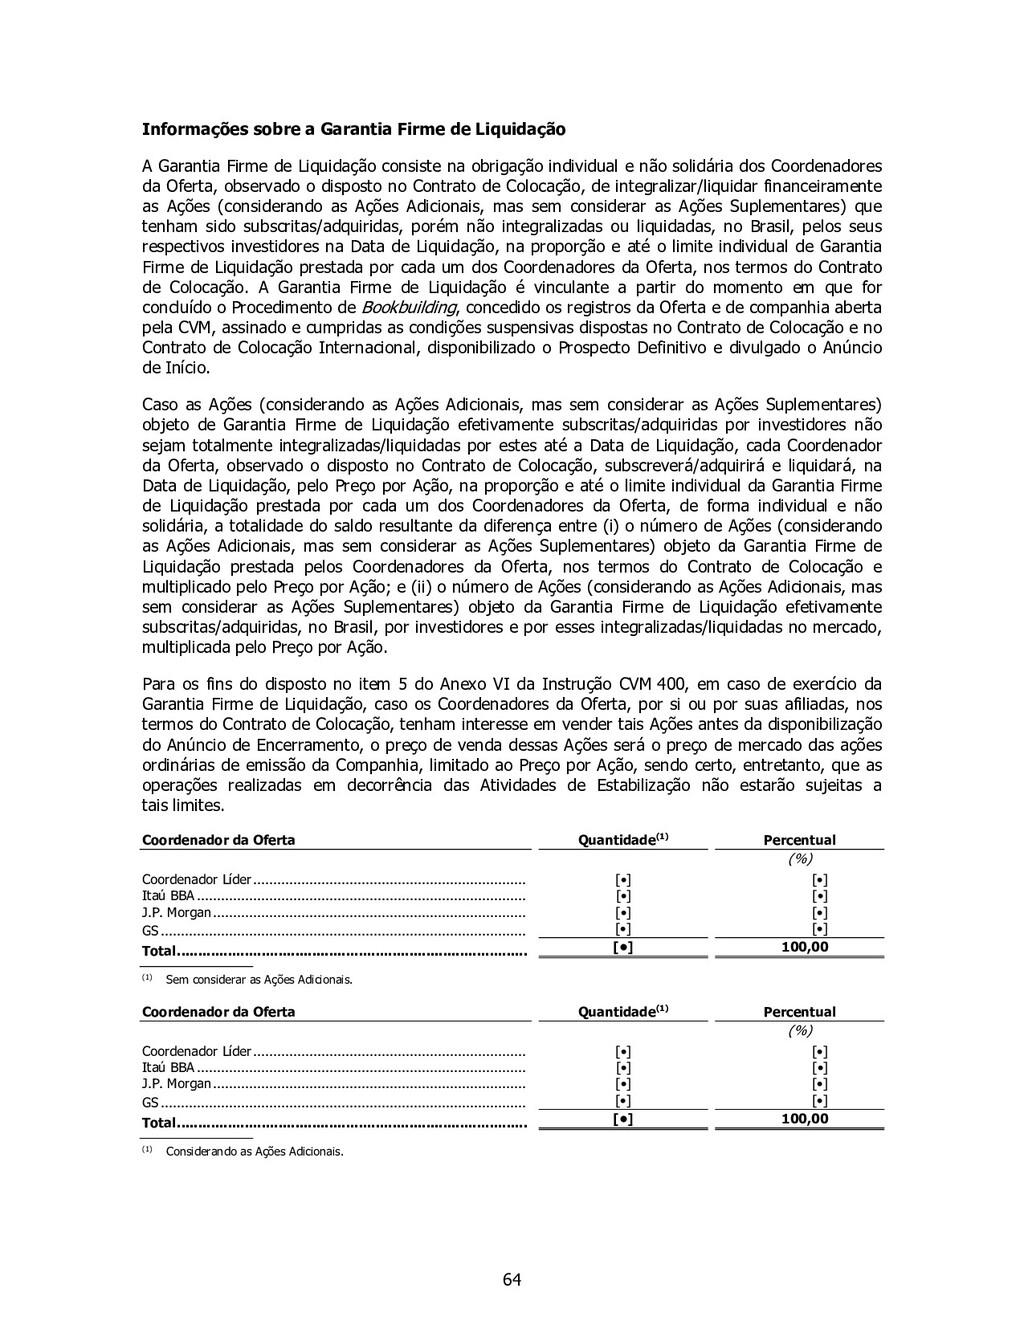 64 Informações sobre a Garantia Firme de Liquid...